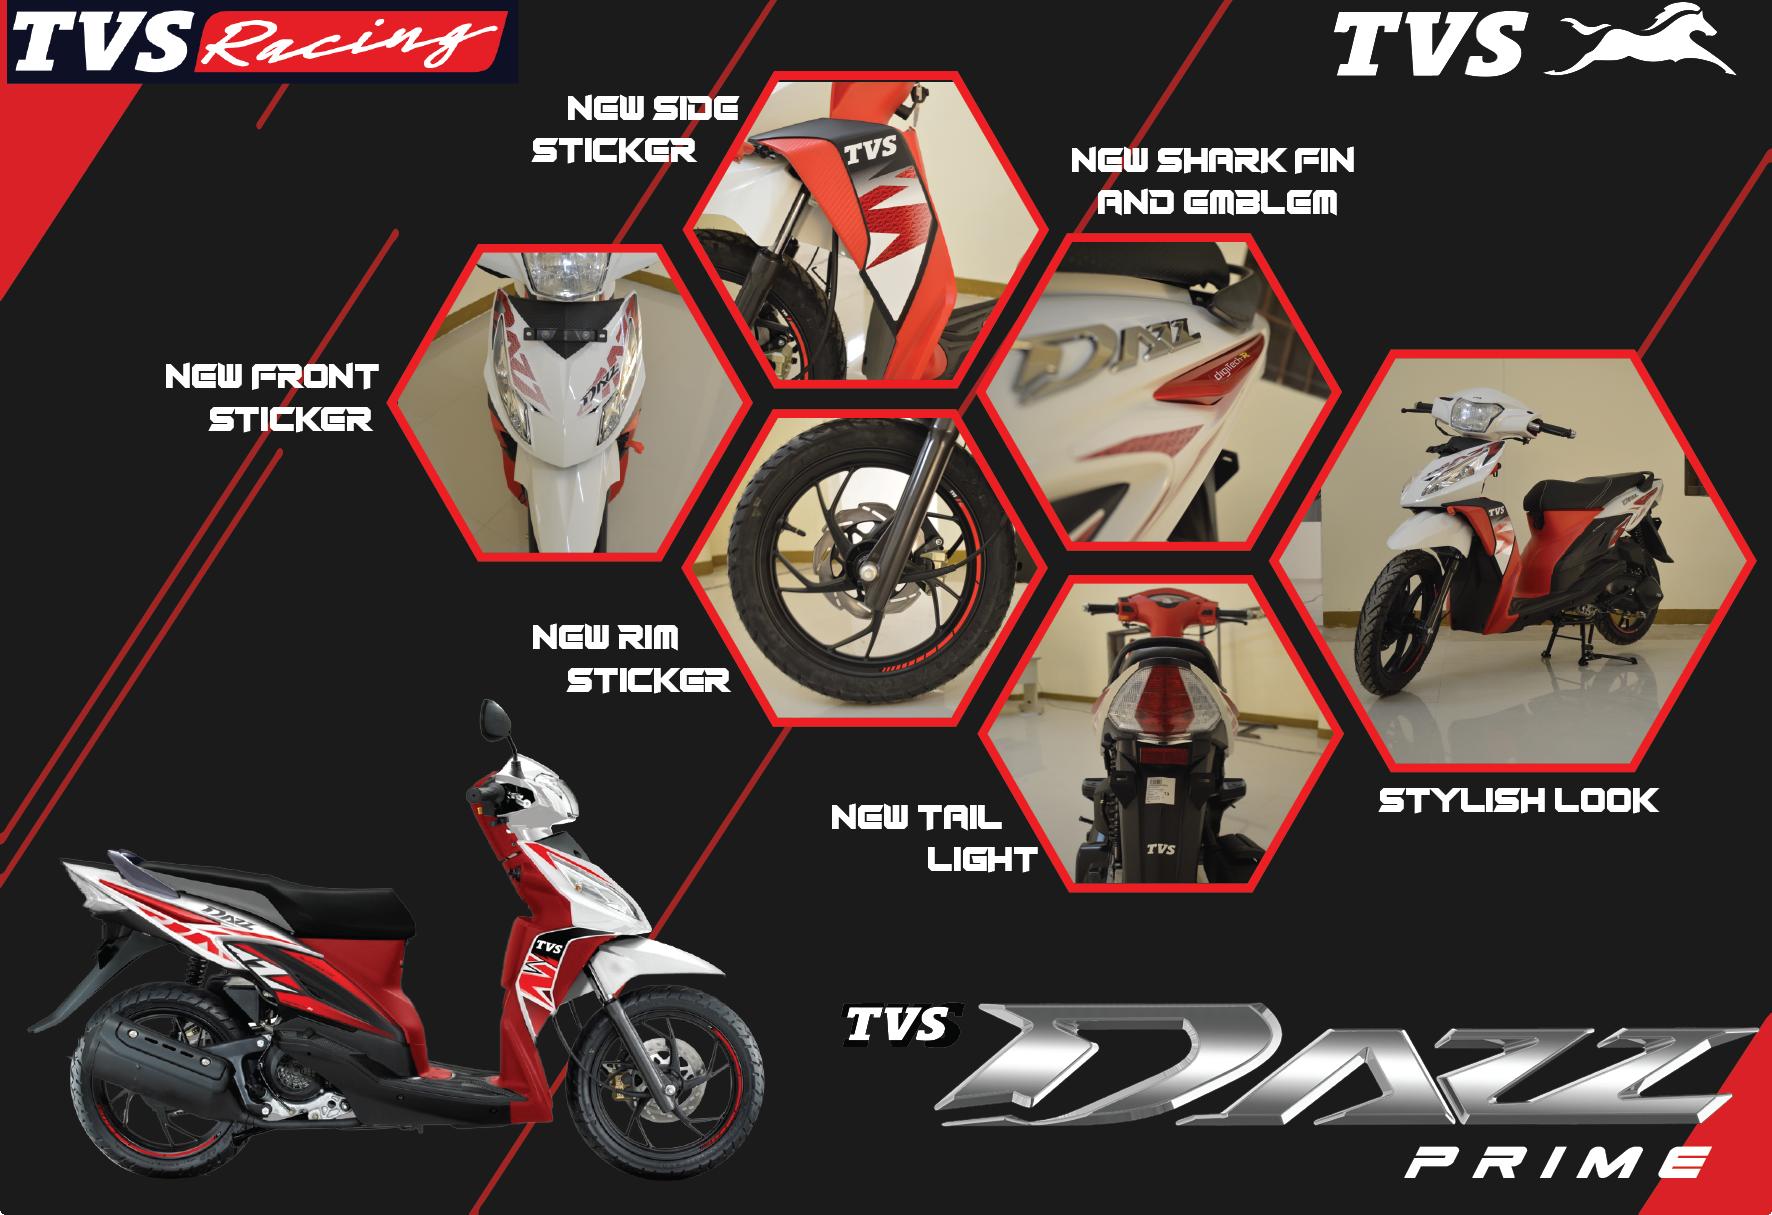 TVS Dazz Prime